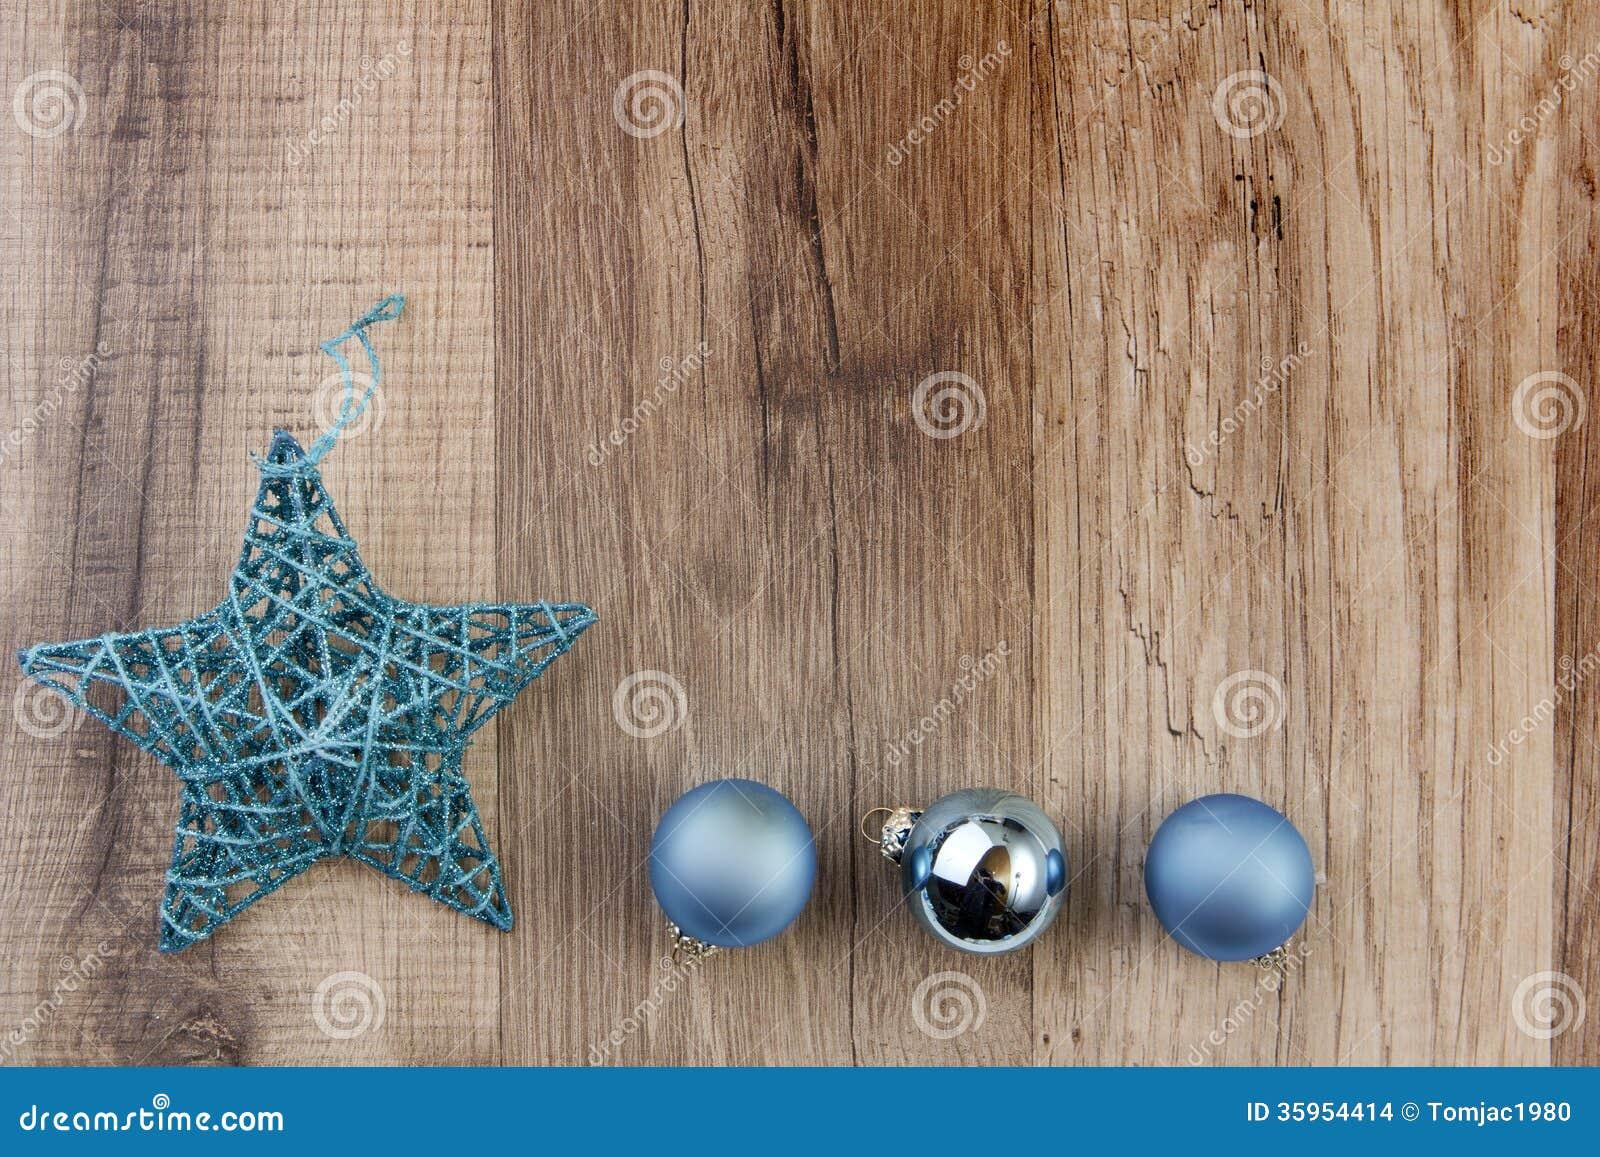 #41728A Turquoise De Décoration De Noël Images Stock Image: 35954414 6205 decoration de table de noel turquoise 1300x957 px @ aertt.com